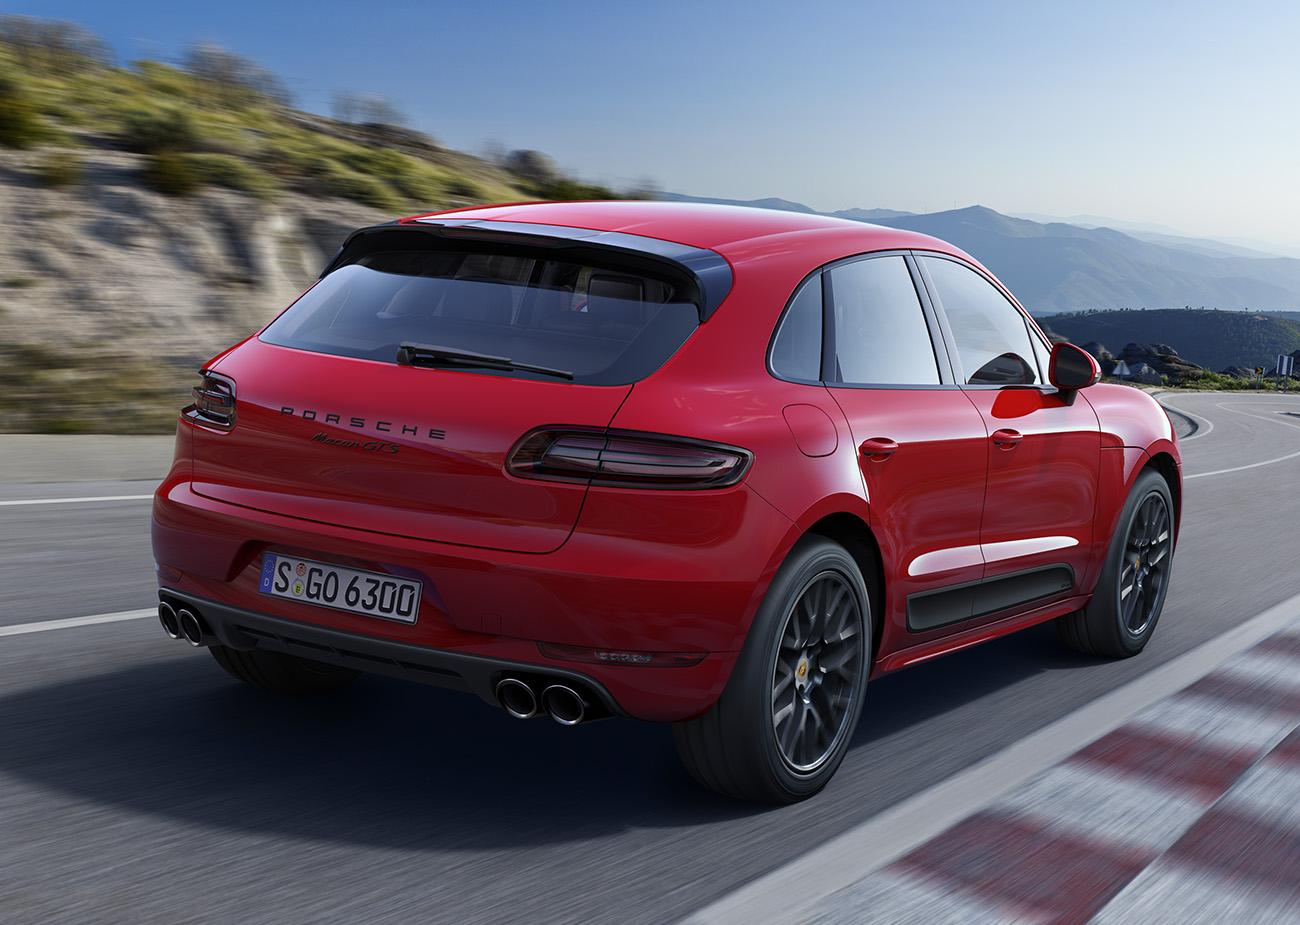 O Macan é hoje o Porsche mais vendido no mundo